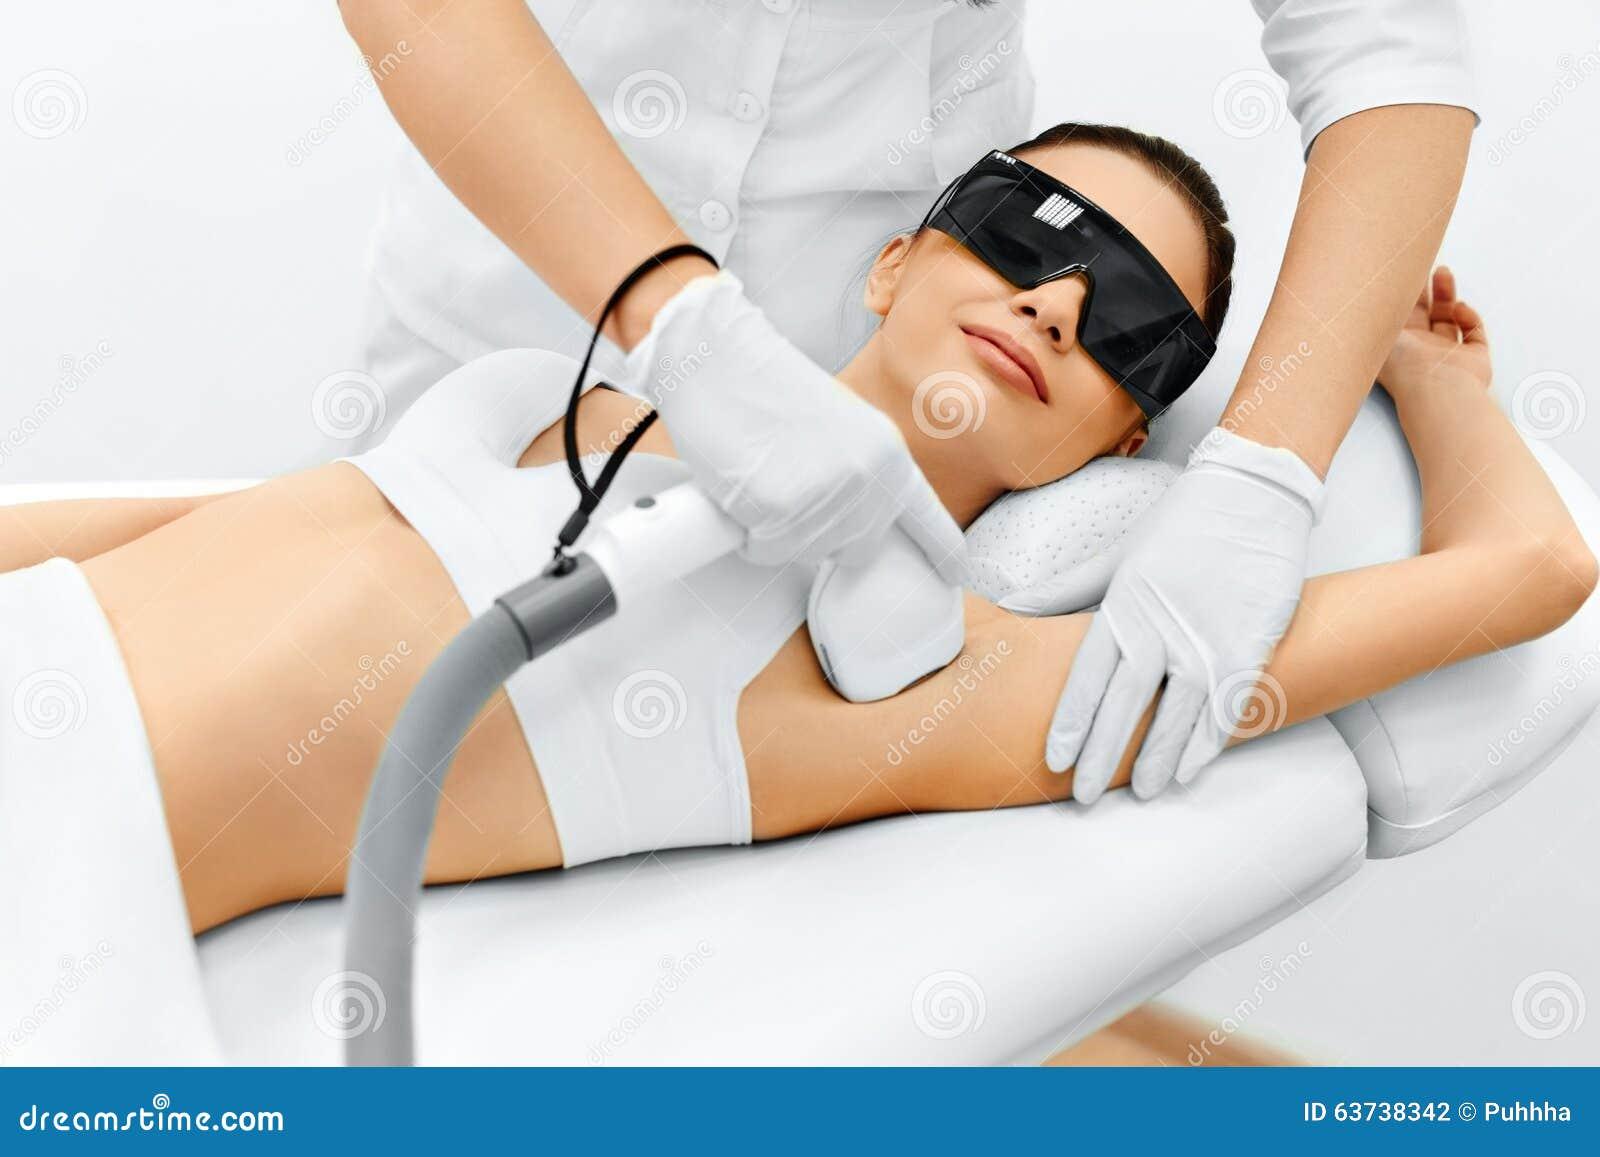 Cuidado do corpo Remoção do cabelo do laser Tratamento de Epilation Pele lisa